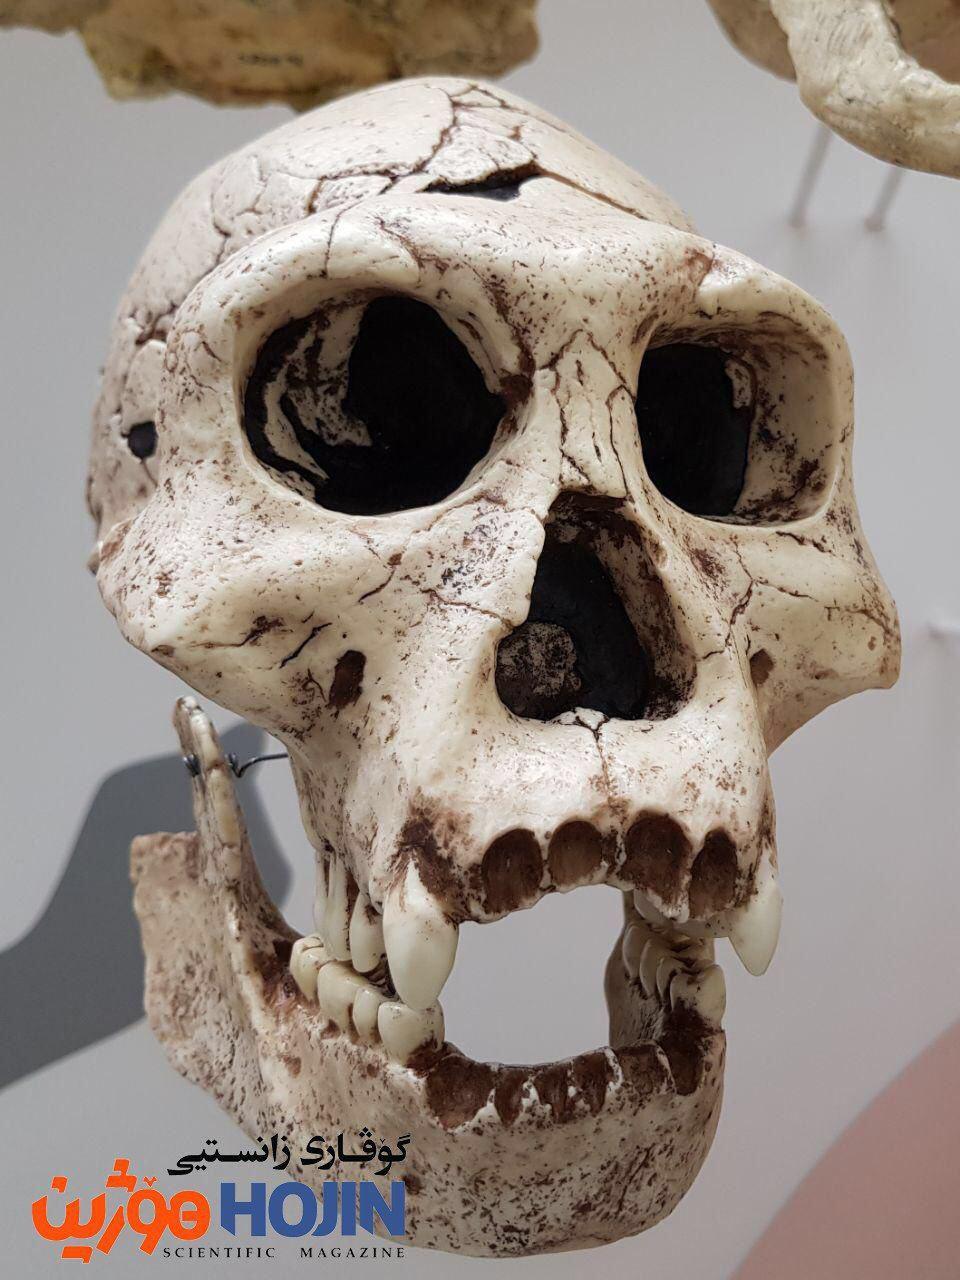 Homo erectus مرۆڤی ڕاستەباڵا یەکەم جۆری مرۆڤە کە ئاناتۆمییەکەی زۆر لە مرۆڤی مۆدێرن دەچێت. تەمەنی ئەم کاسەسەرە بۆ ١.٨ ملیۆن ساڵ لەمەوبەر دەگەڕێتەوە و لە گورجستان دۆزراوەتەوە.